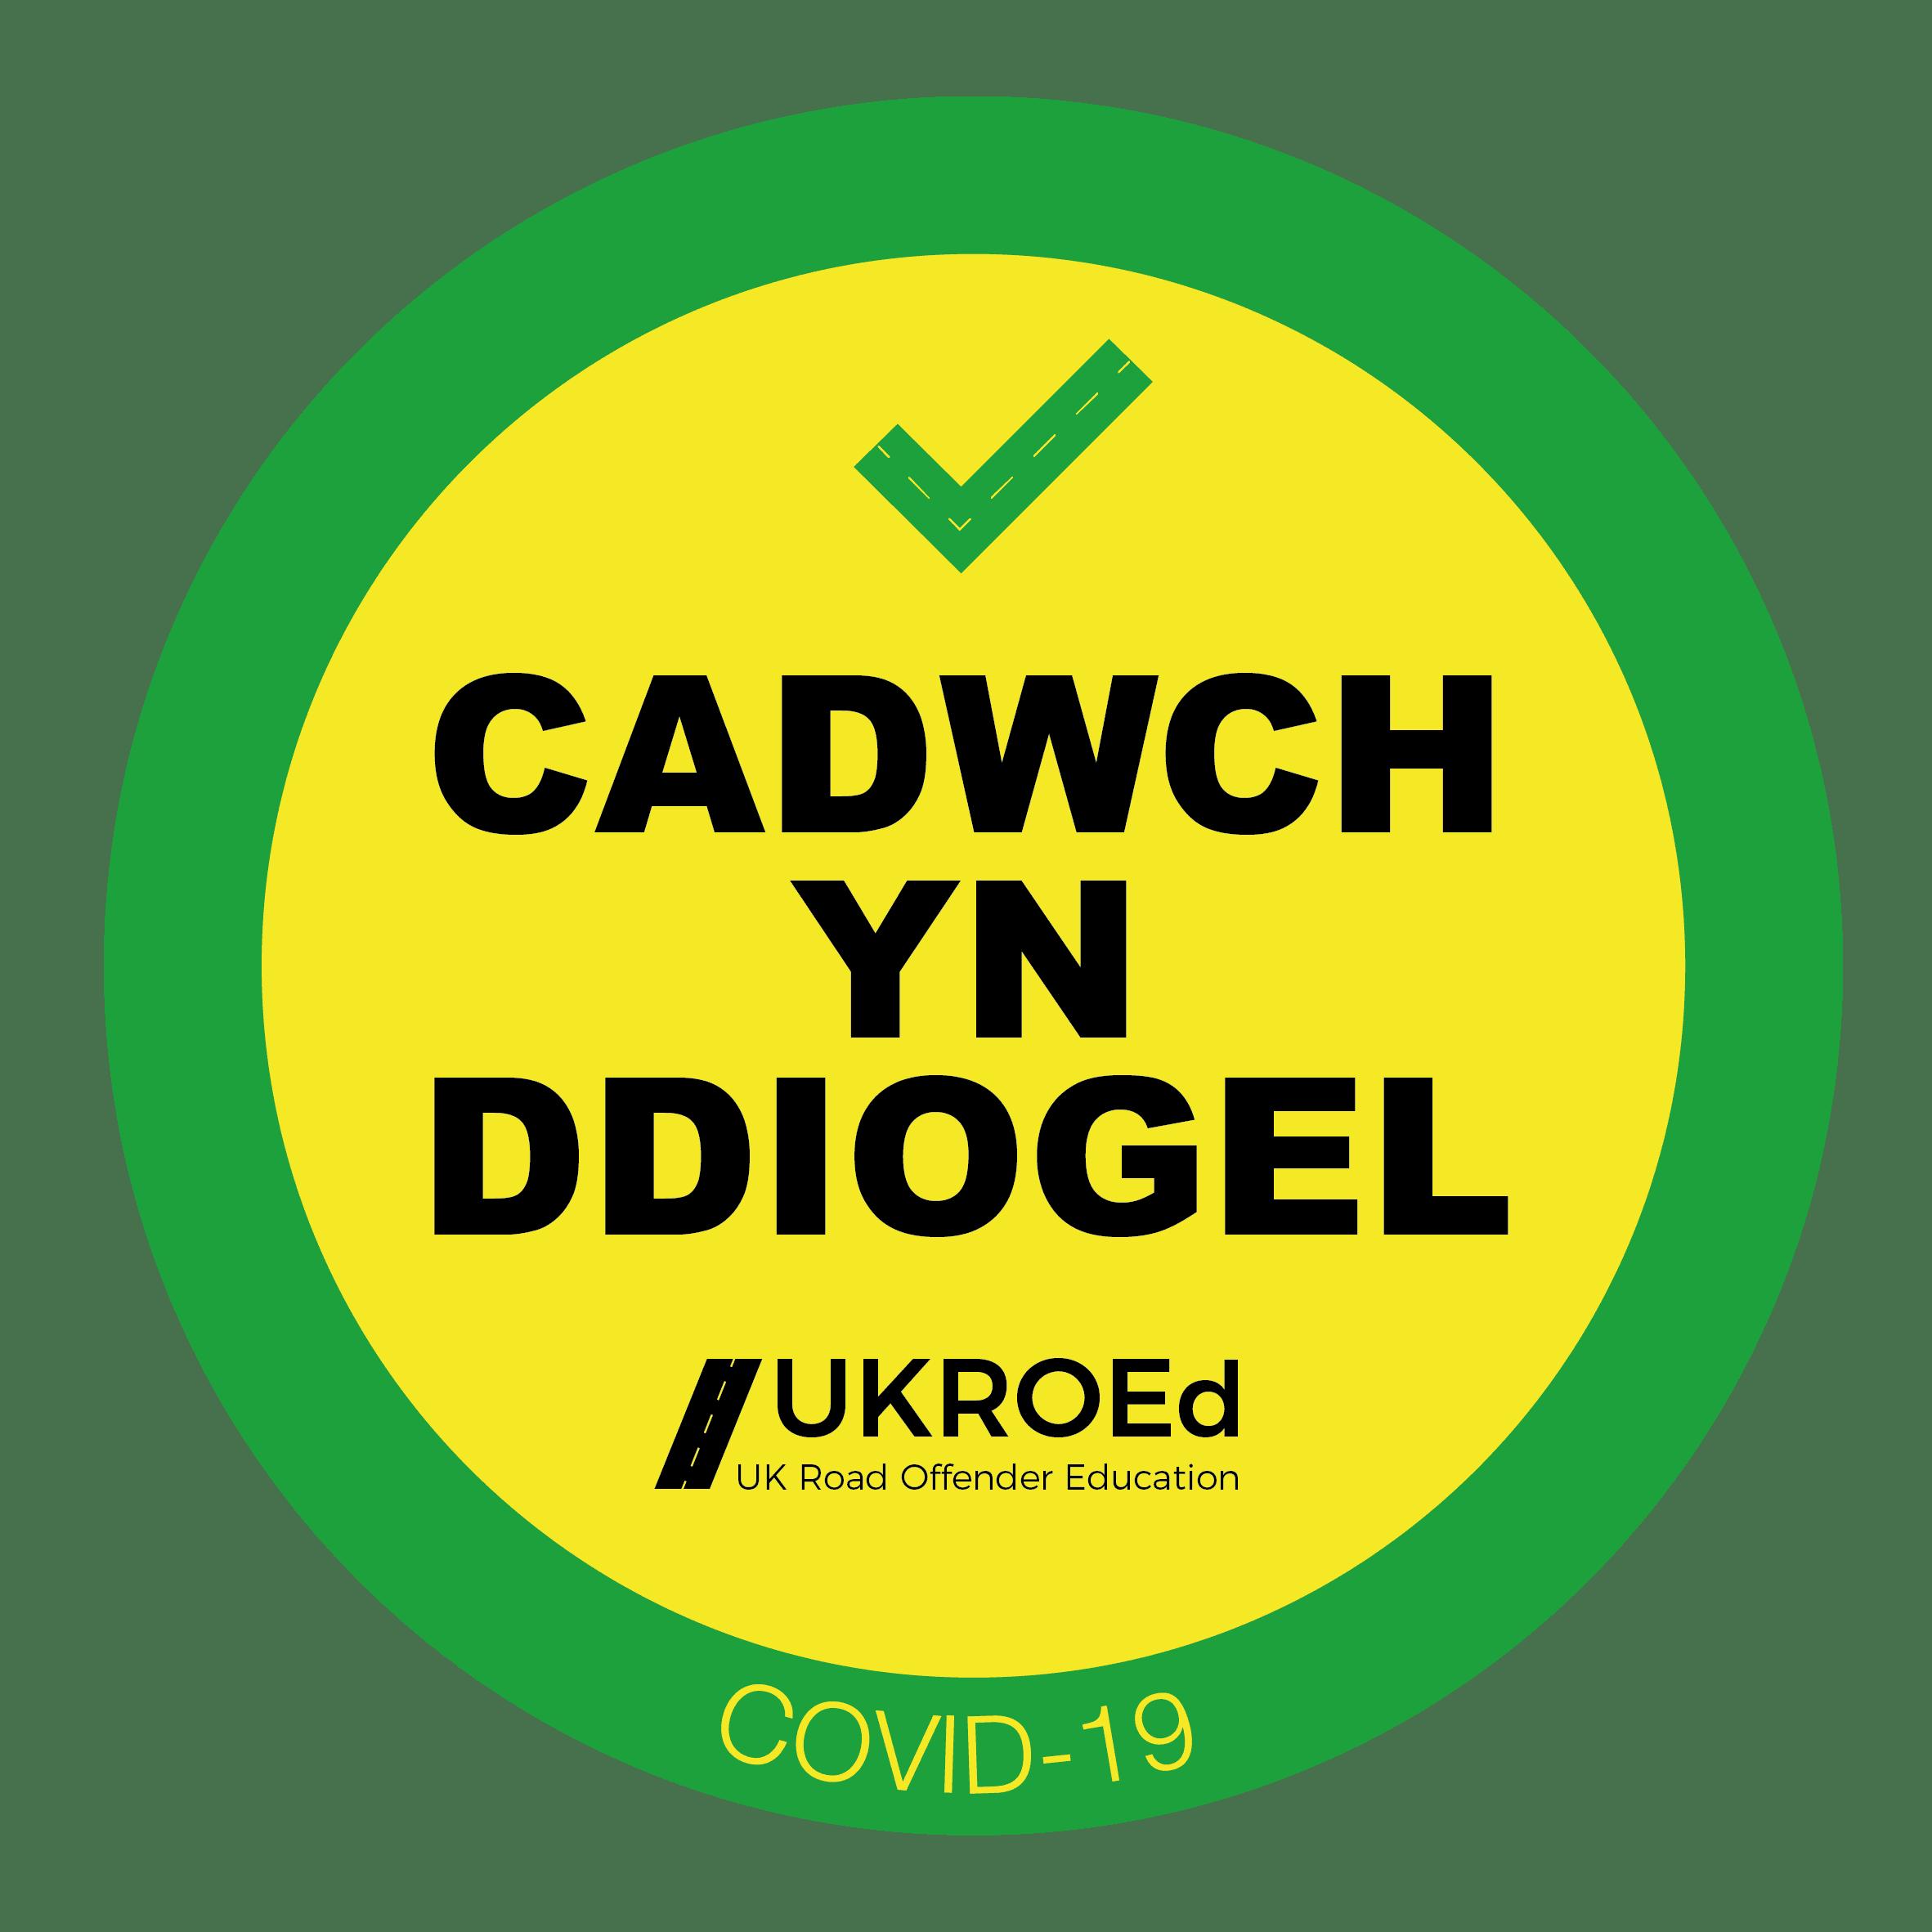 UKROEd Cadwych yn ddiogel